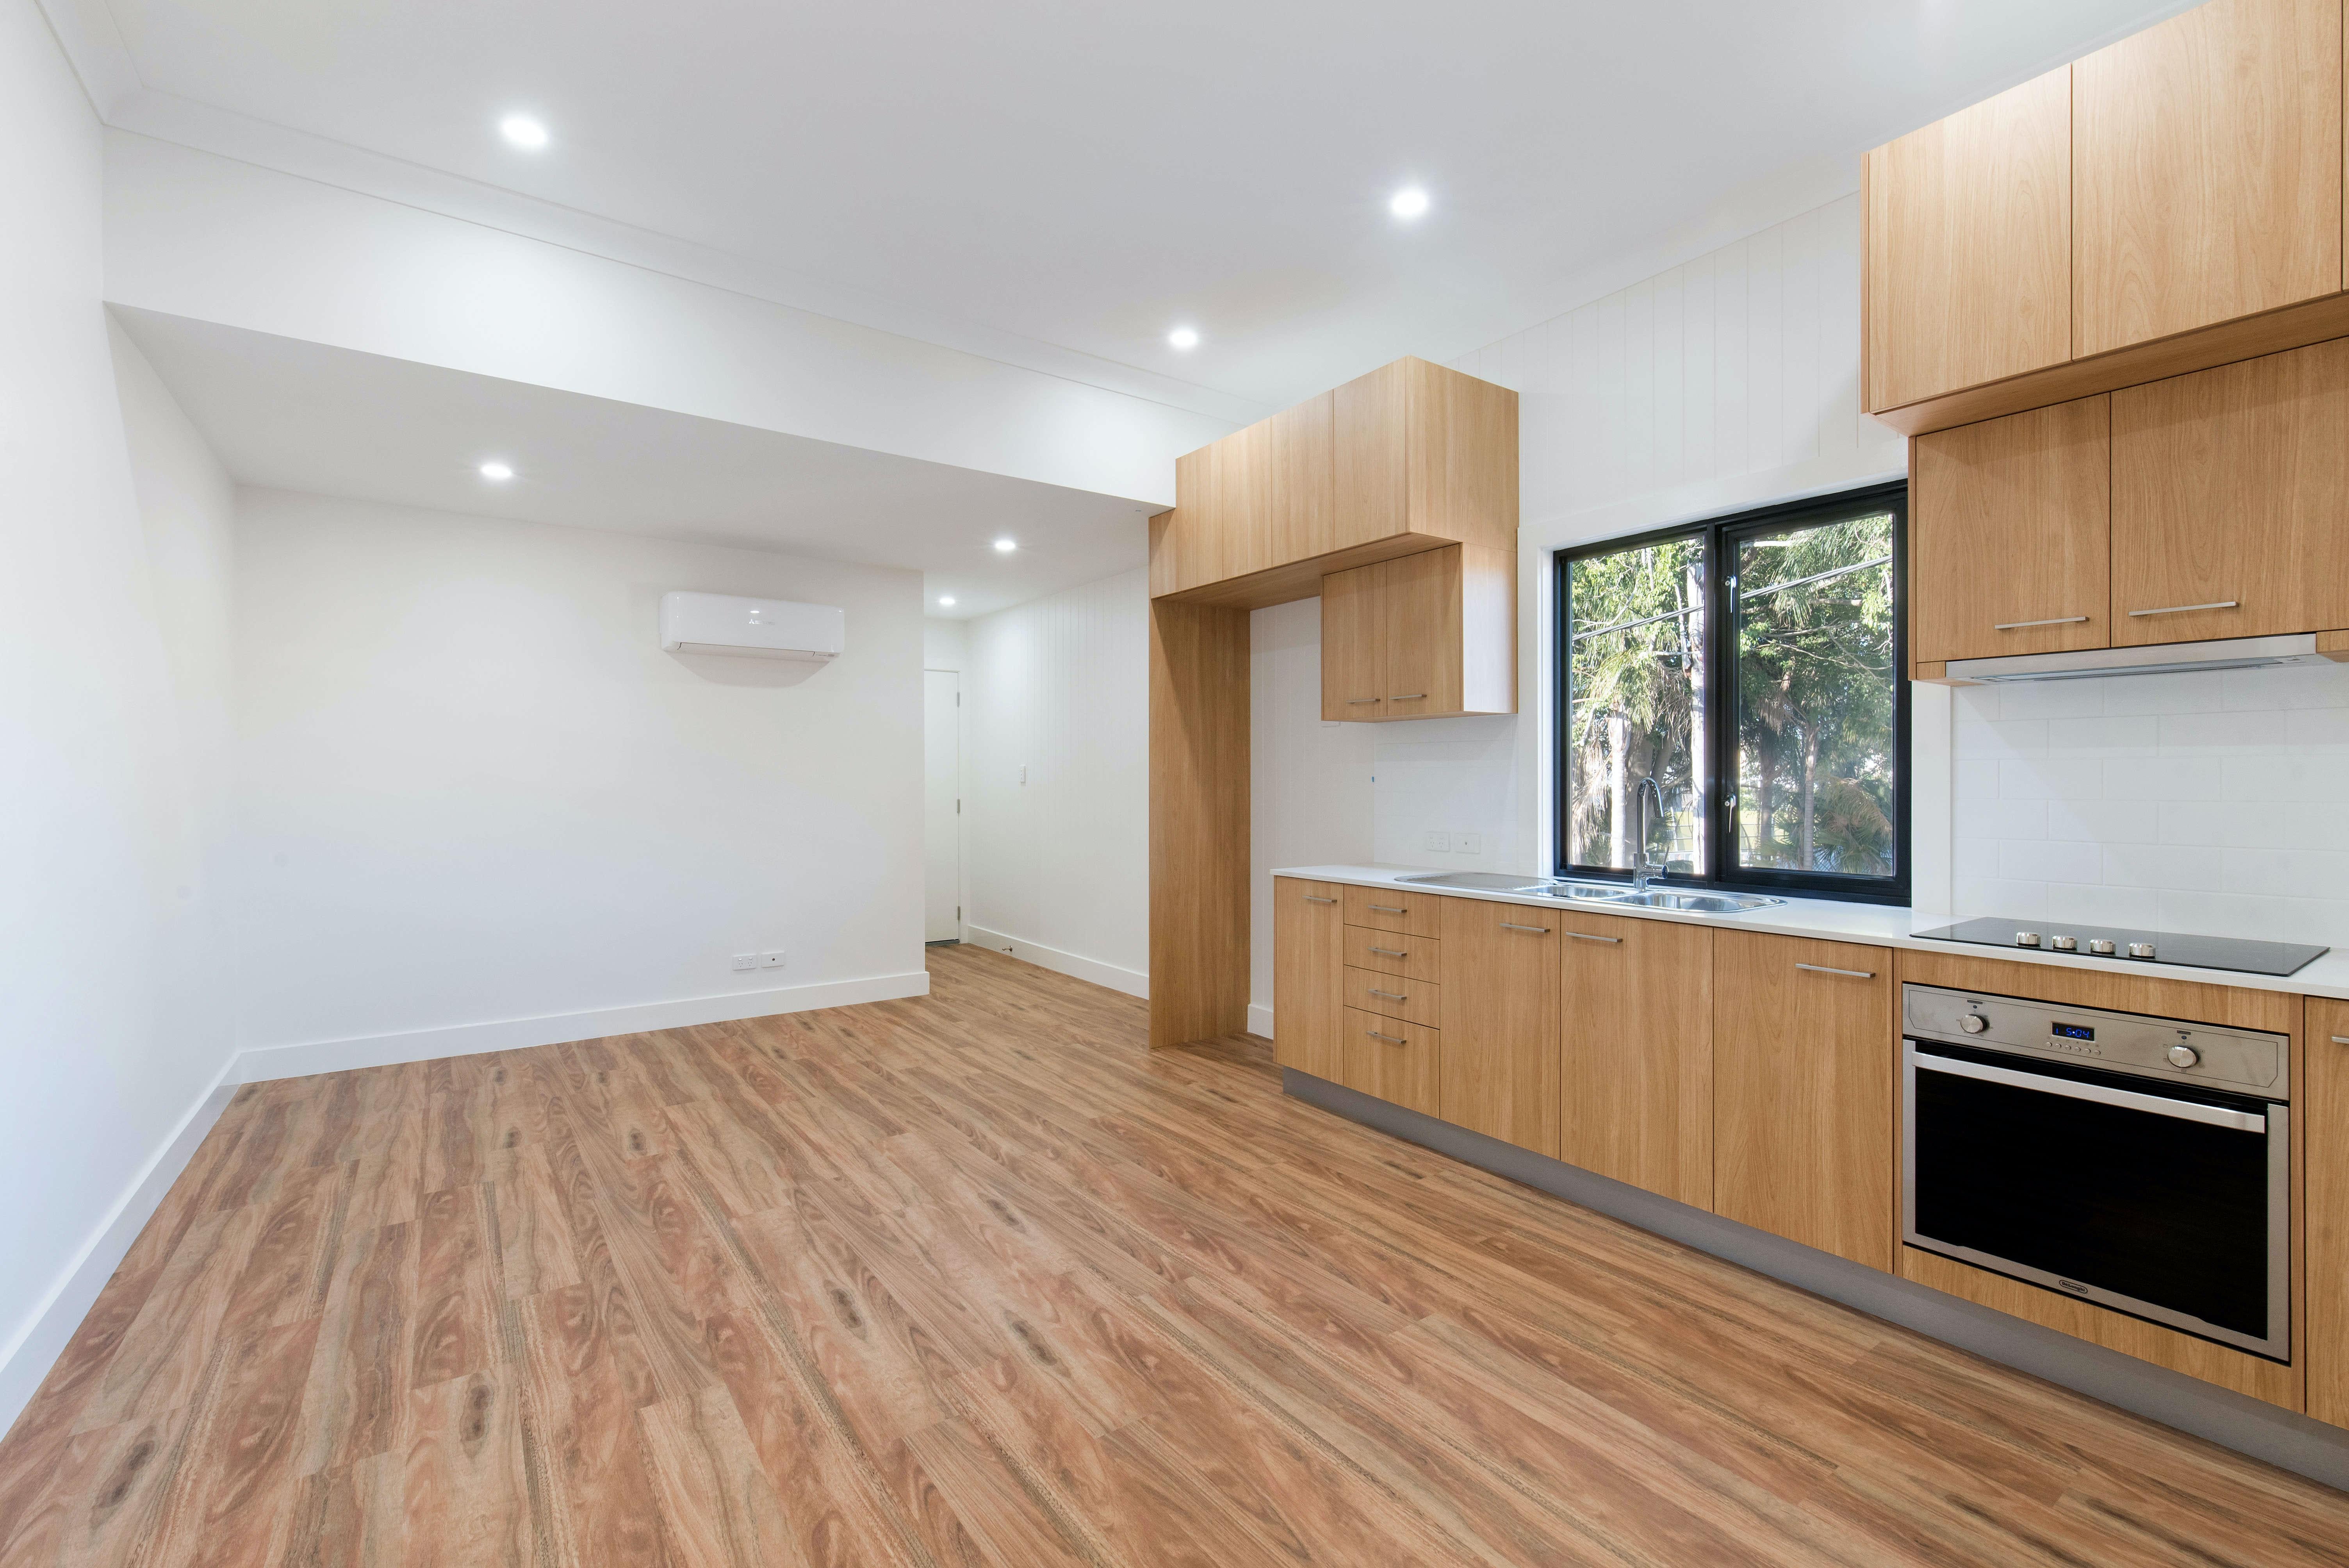 modelo-de-piso-para-interior-de-casa